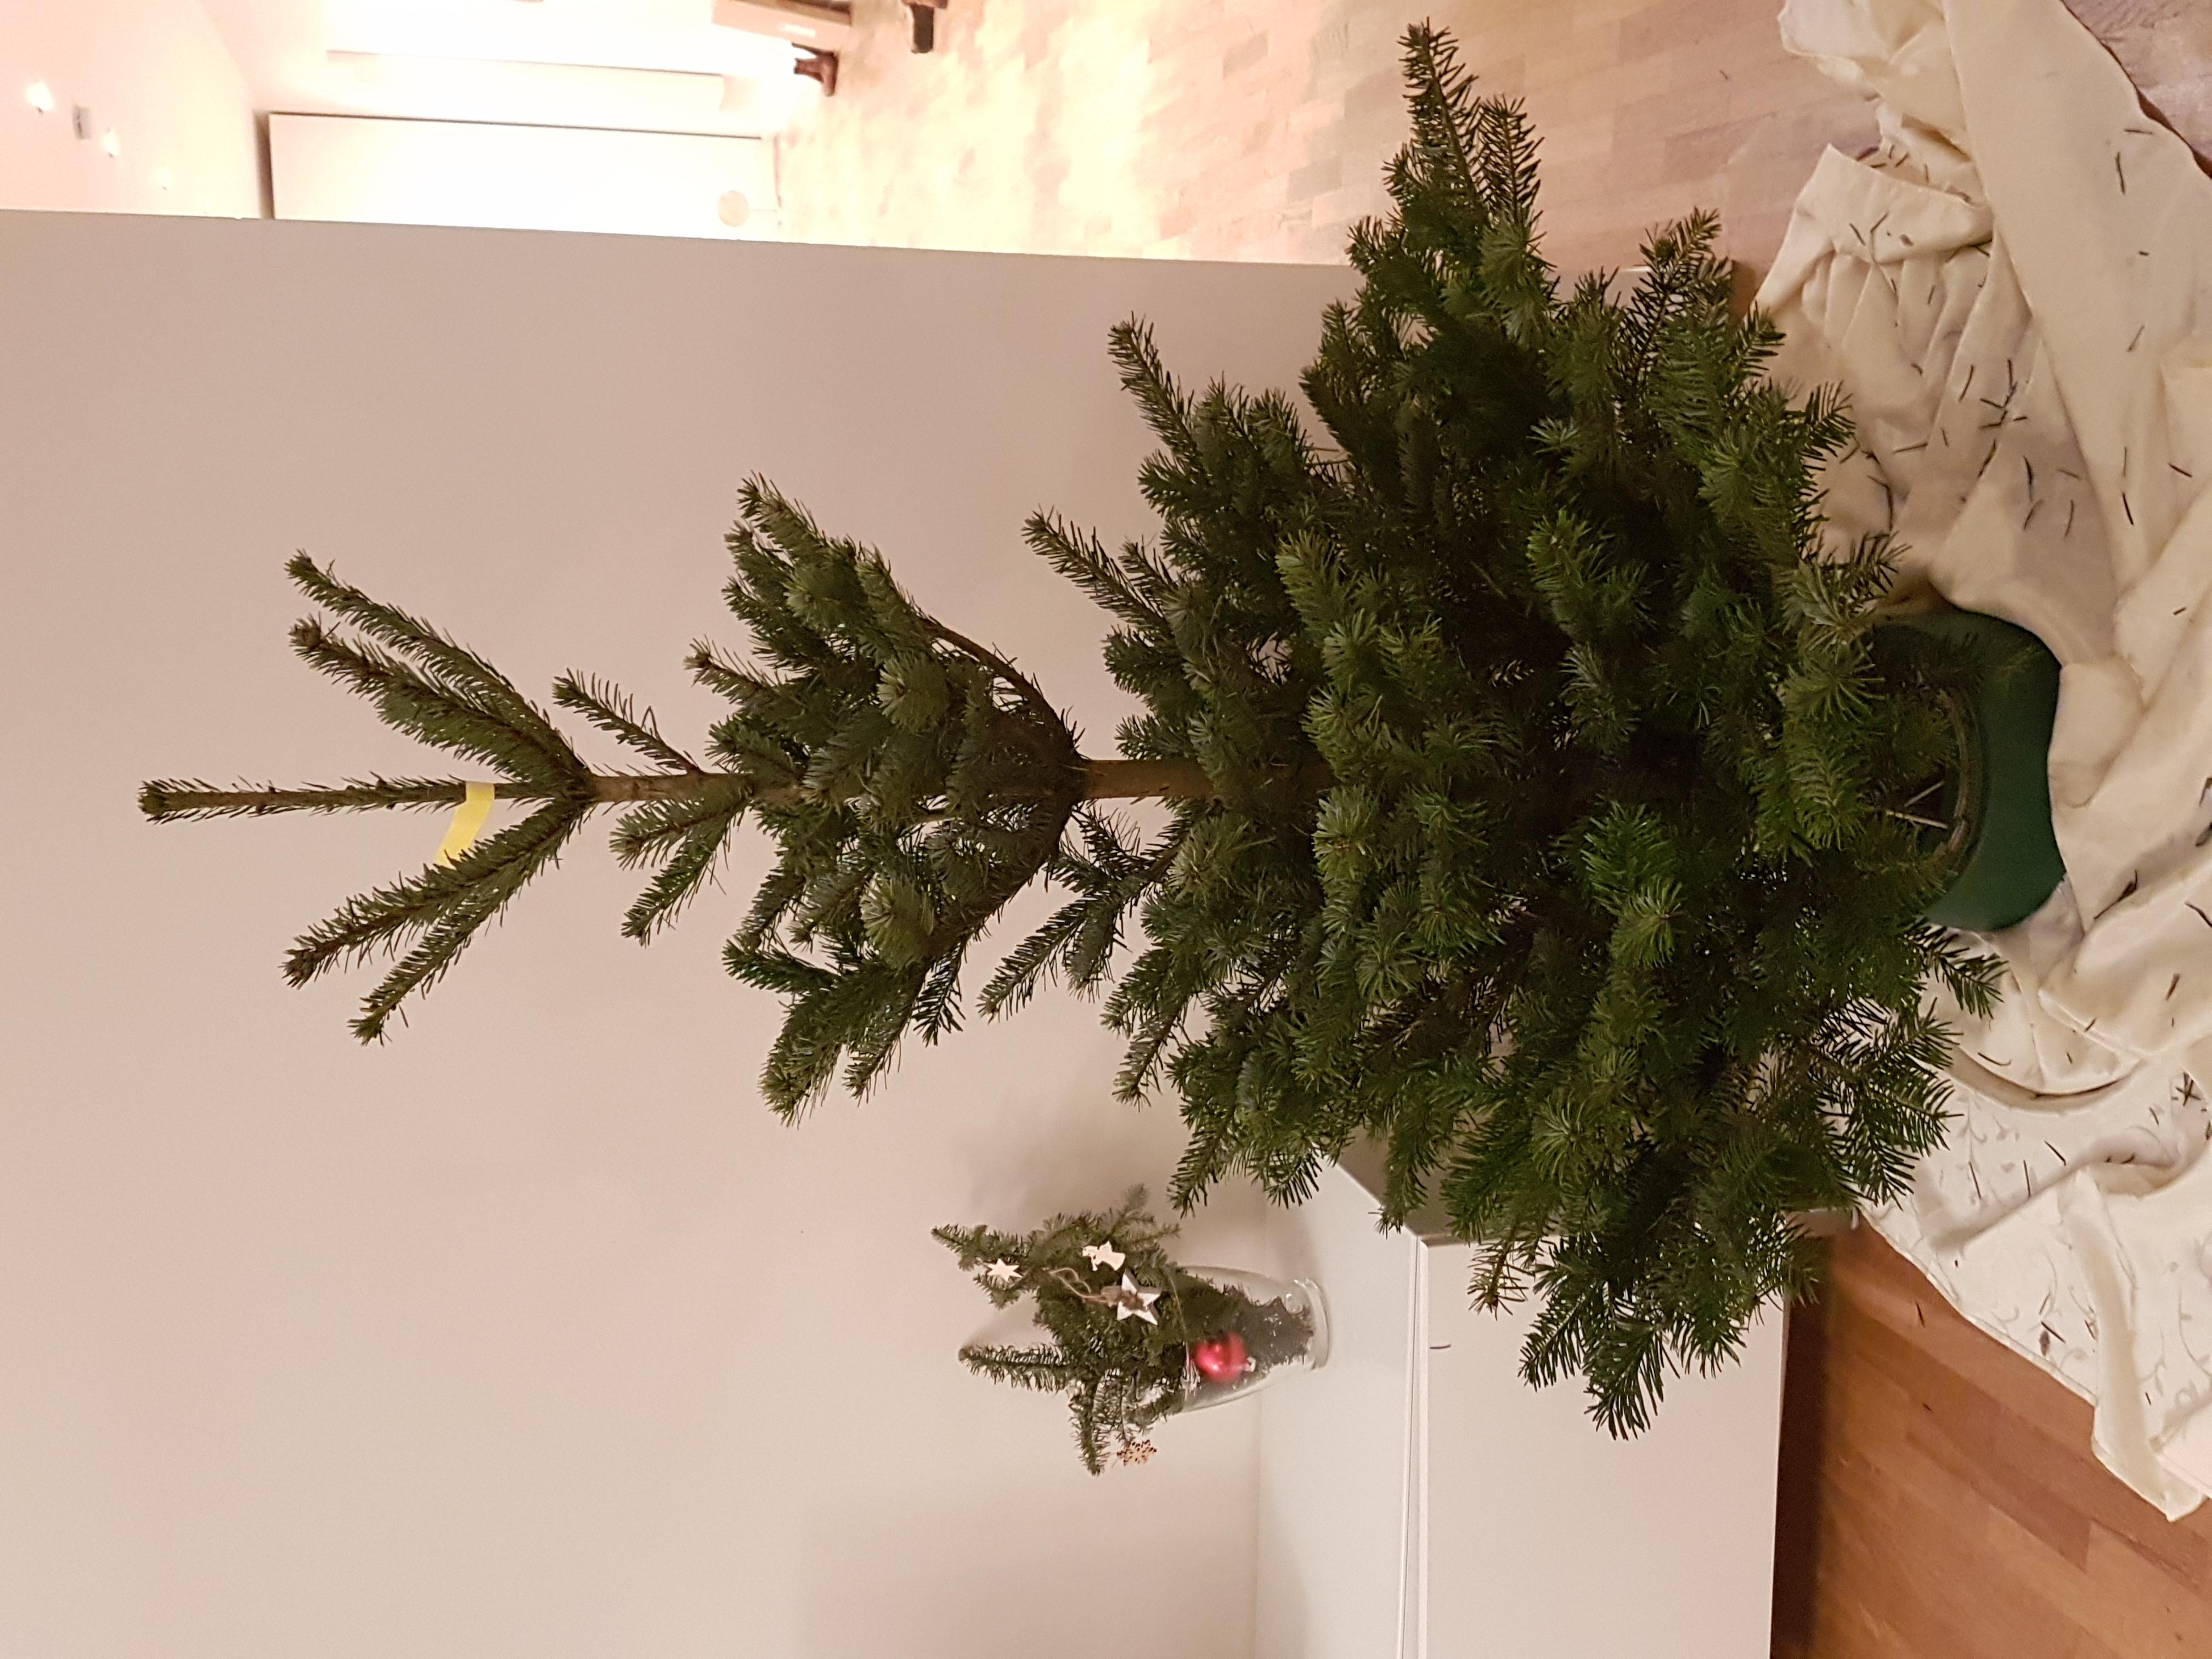 In Diesem Sinne Frohe Weihnachten.Fröhliche Weihnacht überall Tönt Es Durch Die Lüfte Froher Schall